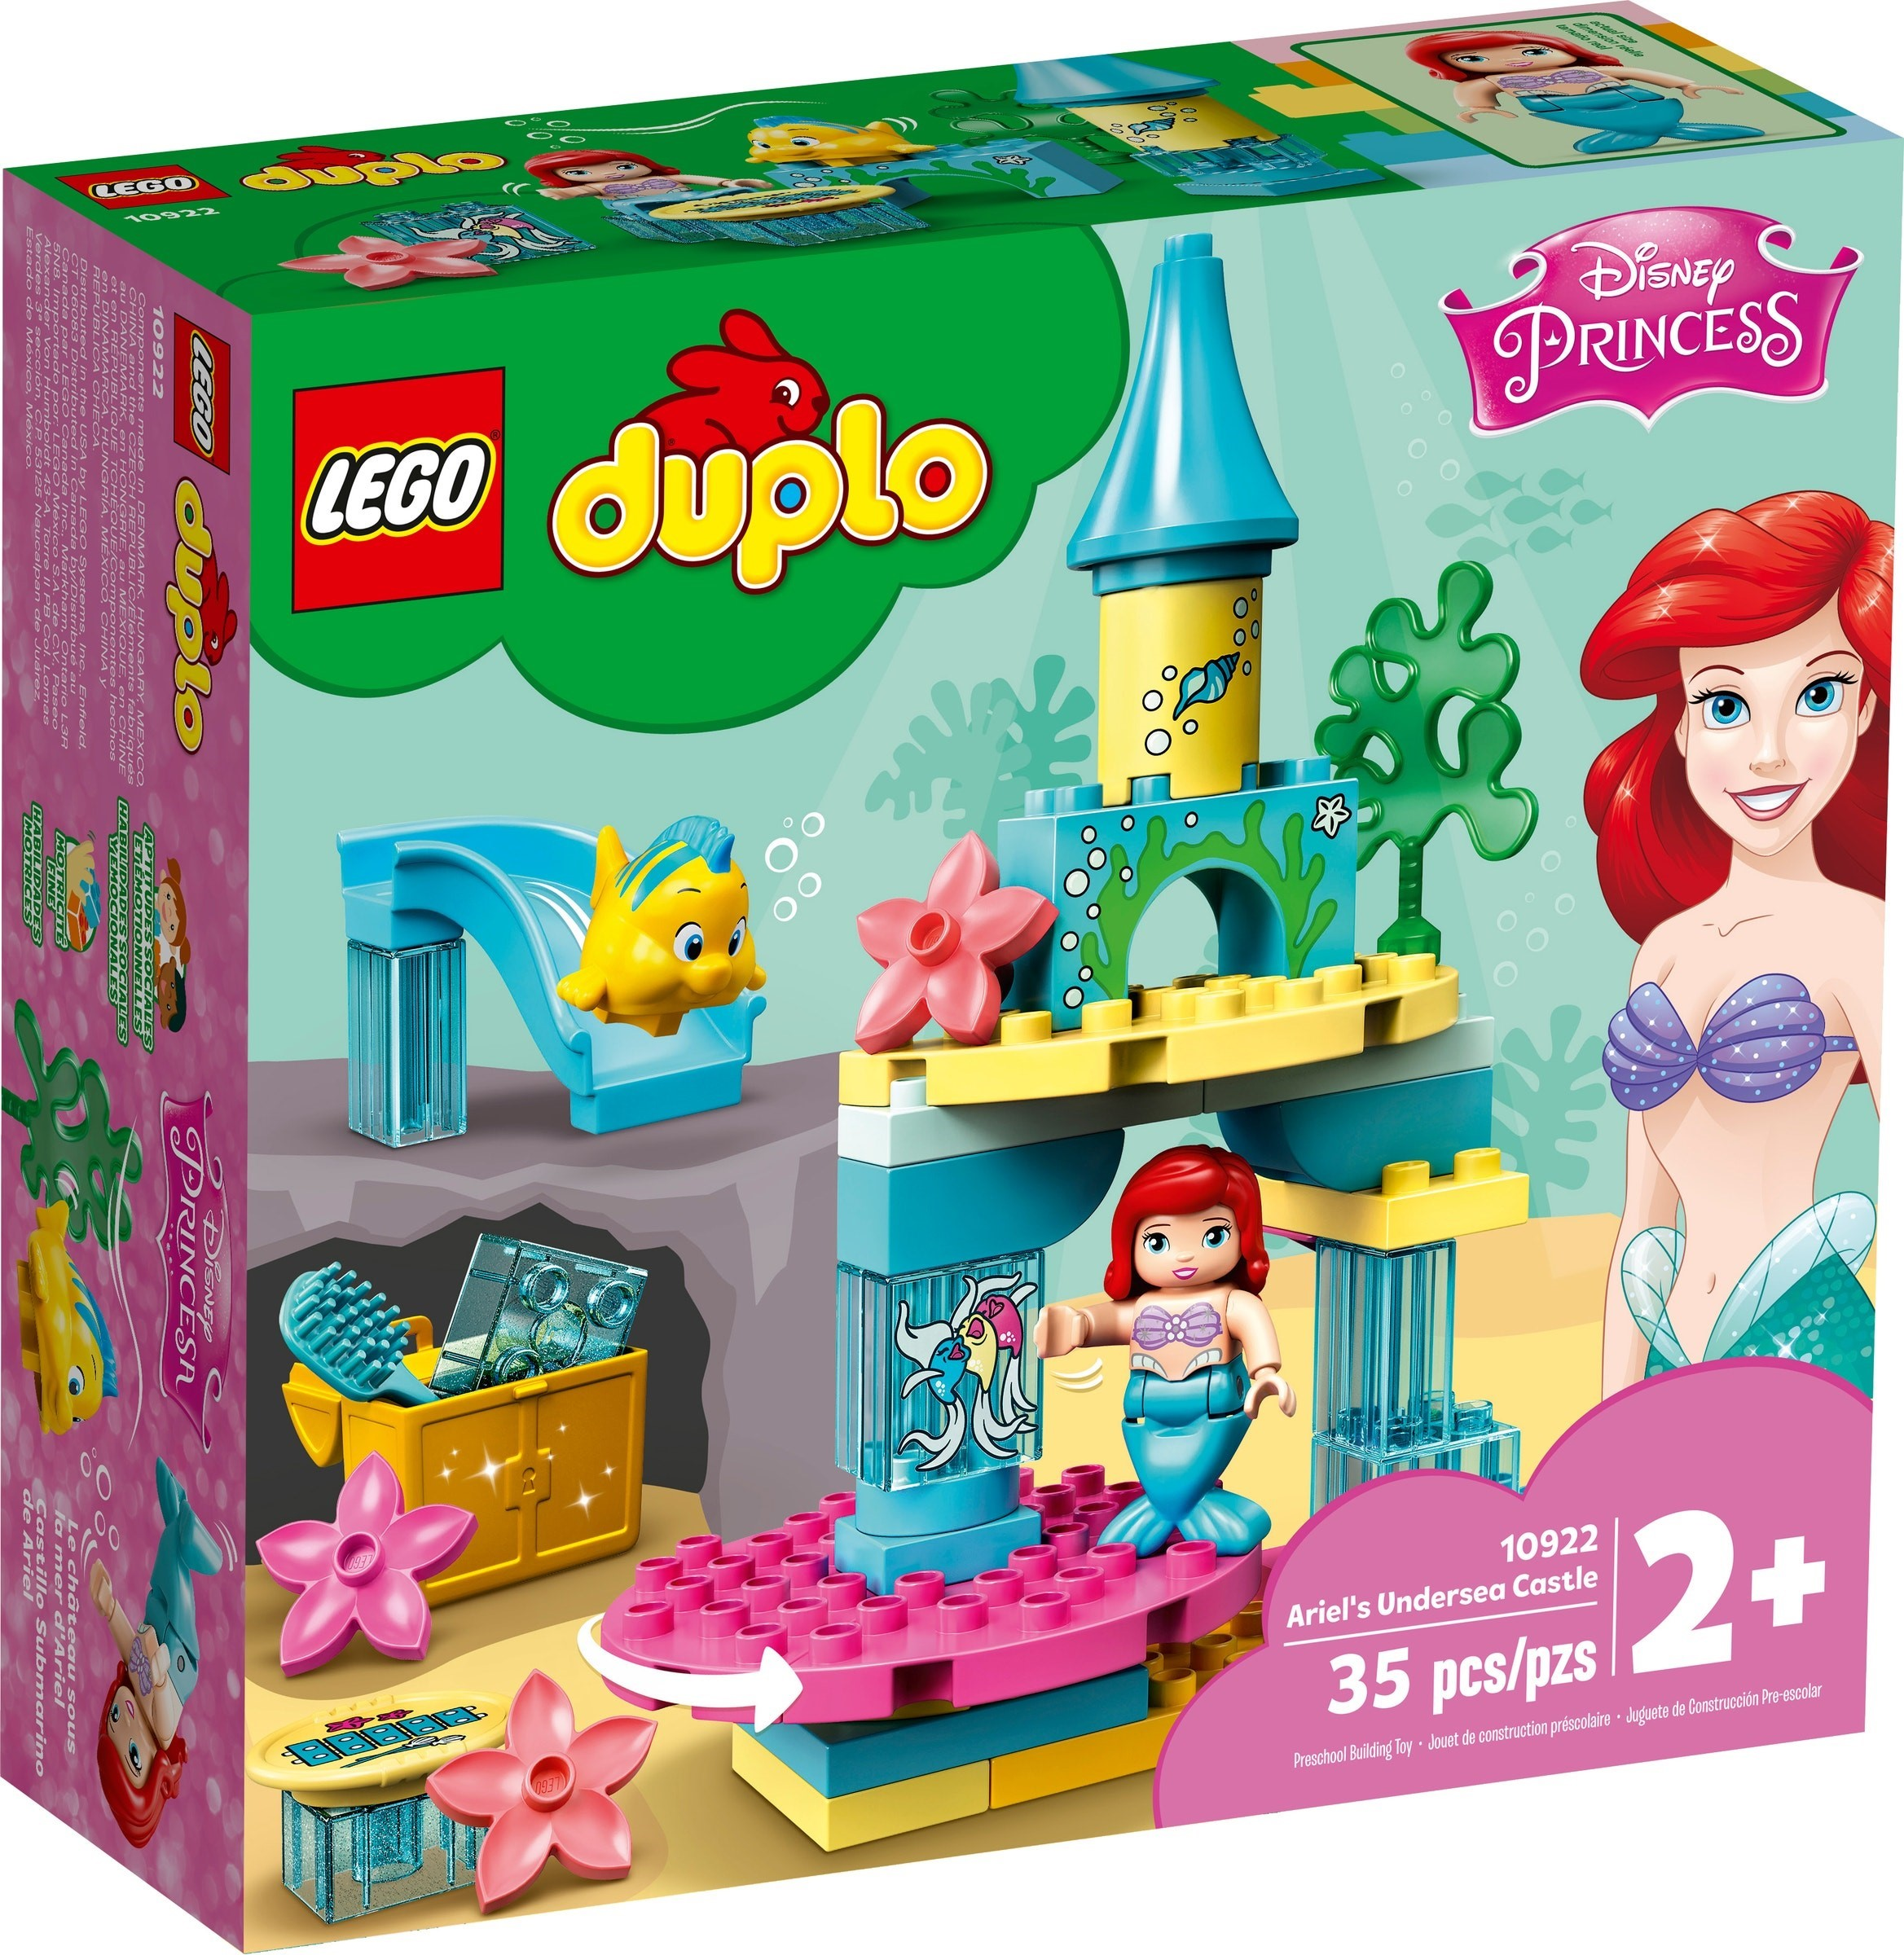 10922 Ariel's Undersea Castle